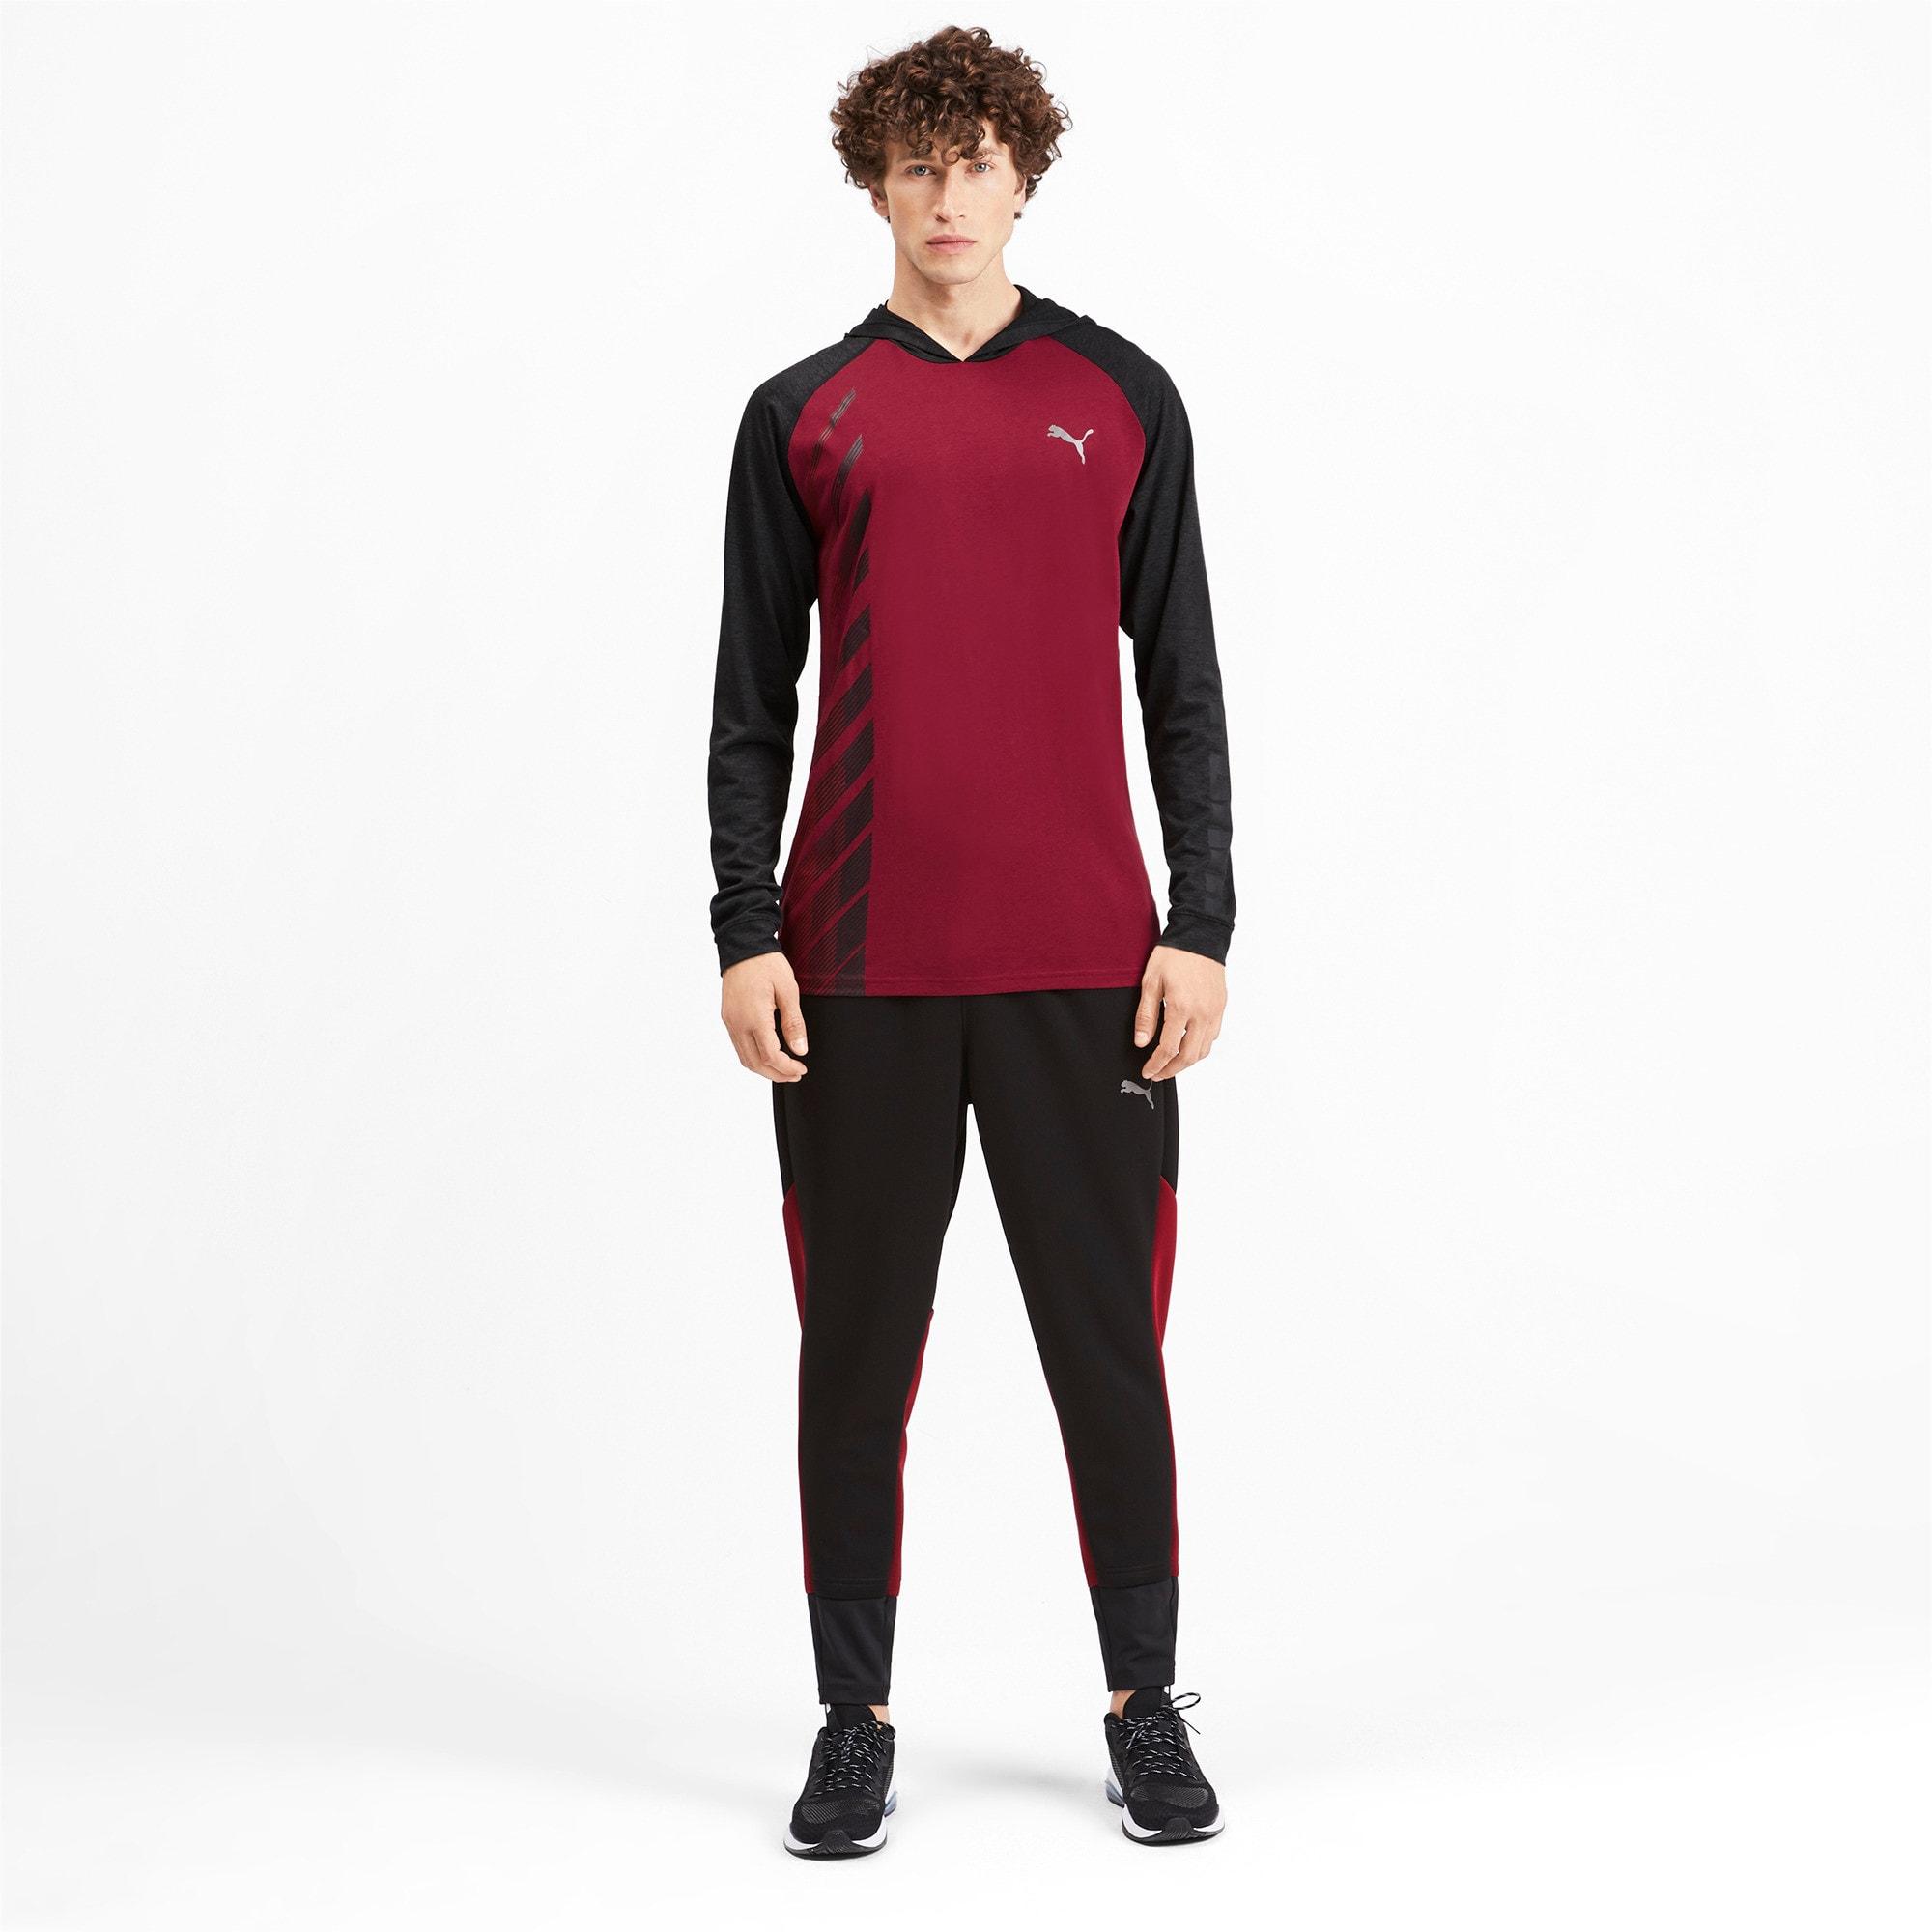 Miniatura 4 de Camiseta Collective con capucha y mangas largas para hombre, Rhubarb-Puma Black Heather, mediano